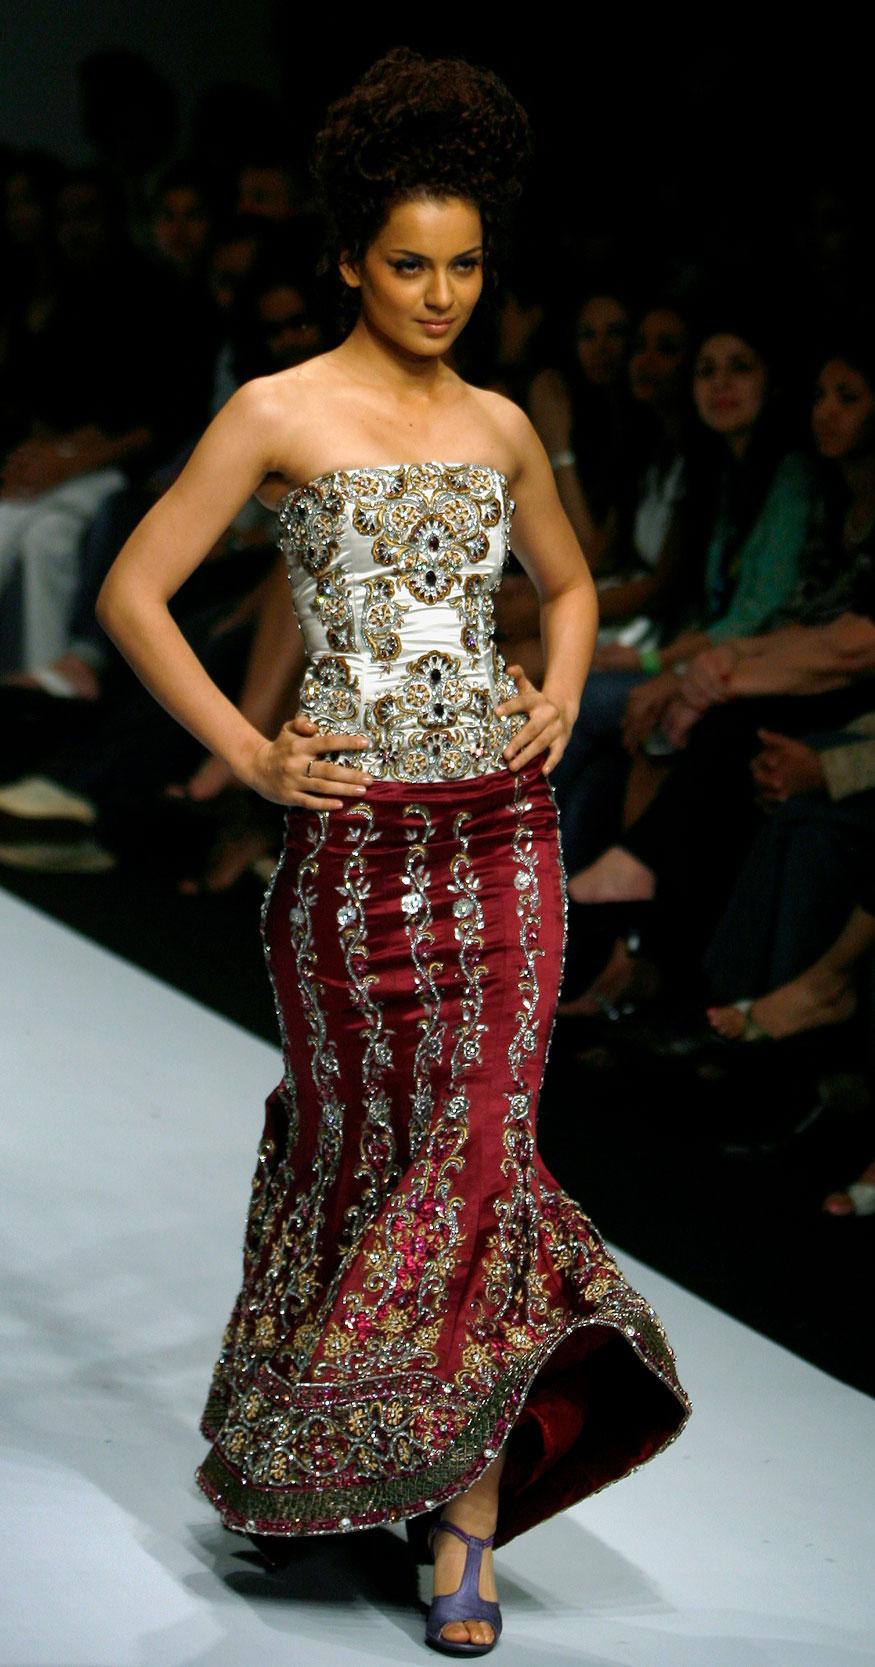 इंडियन फॅशन वीकमध्ये कंगना (Image: Reuters)